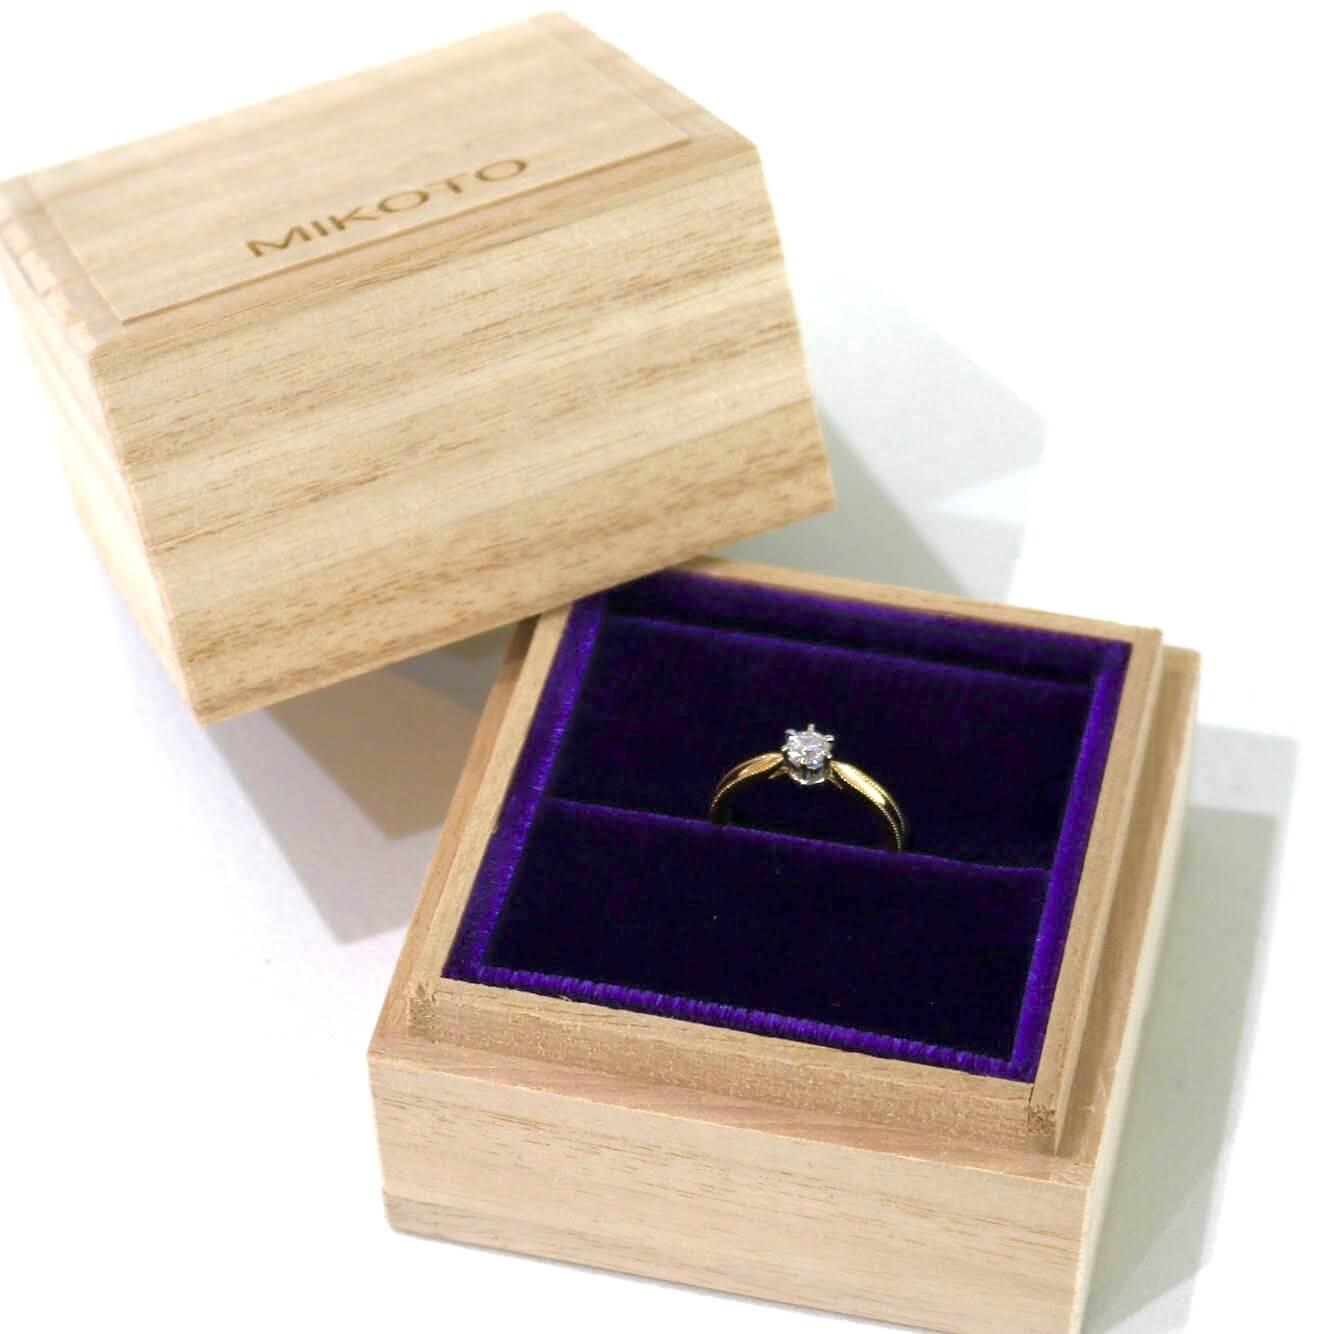 クラシック(クラシカル)なデザインの結婚指輪と婚約指輪の紹介